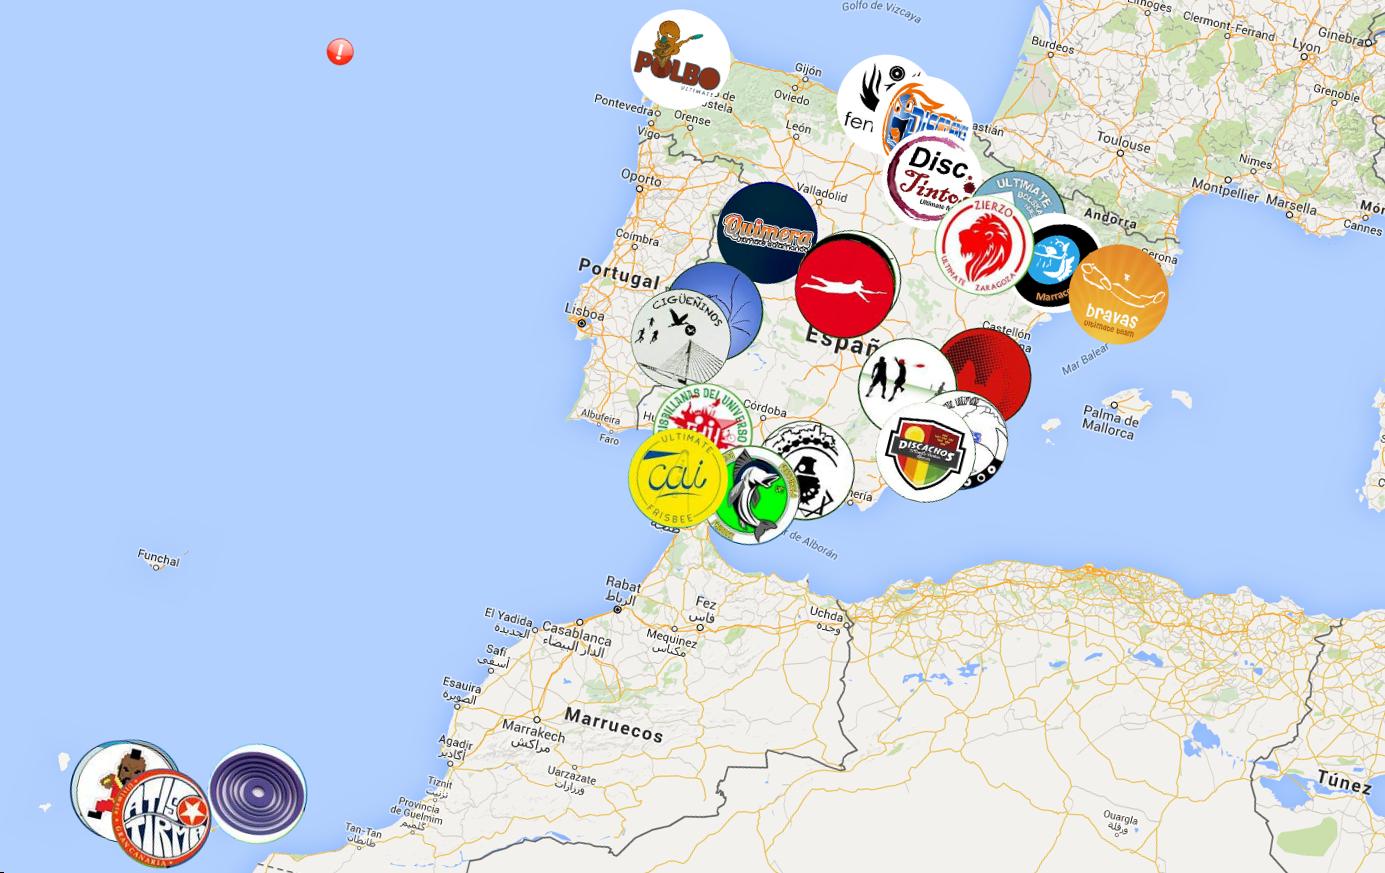 Mapa de equipos españoles de Ultimate Frisbee